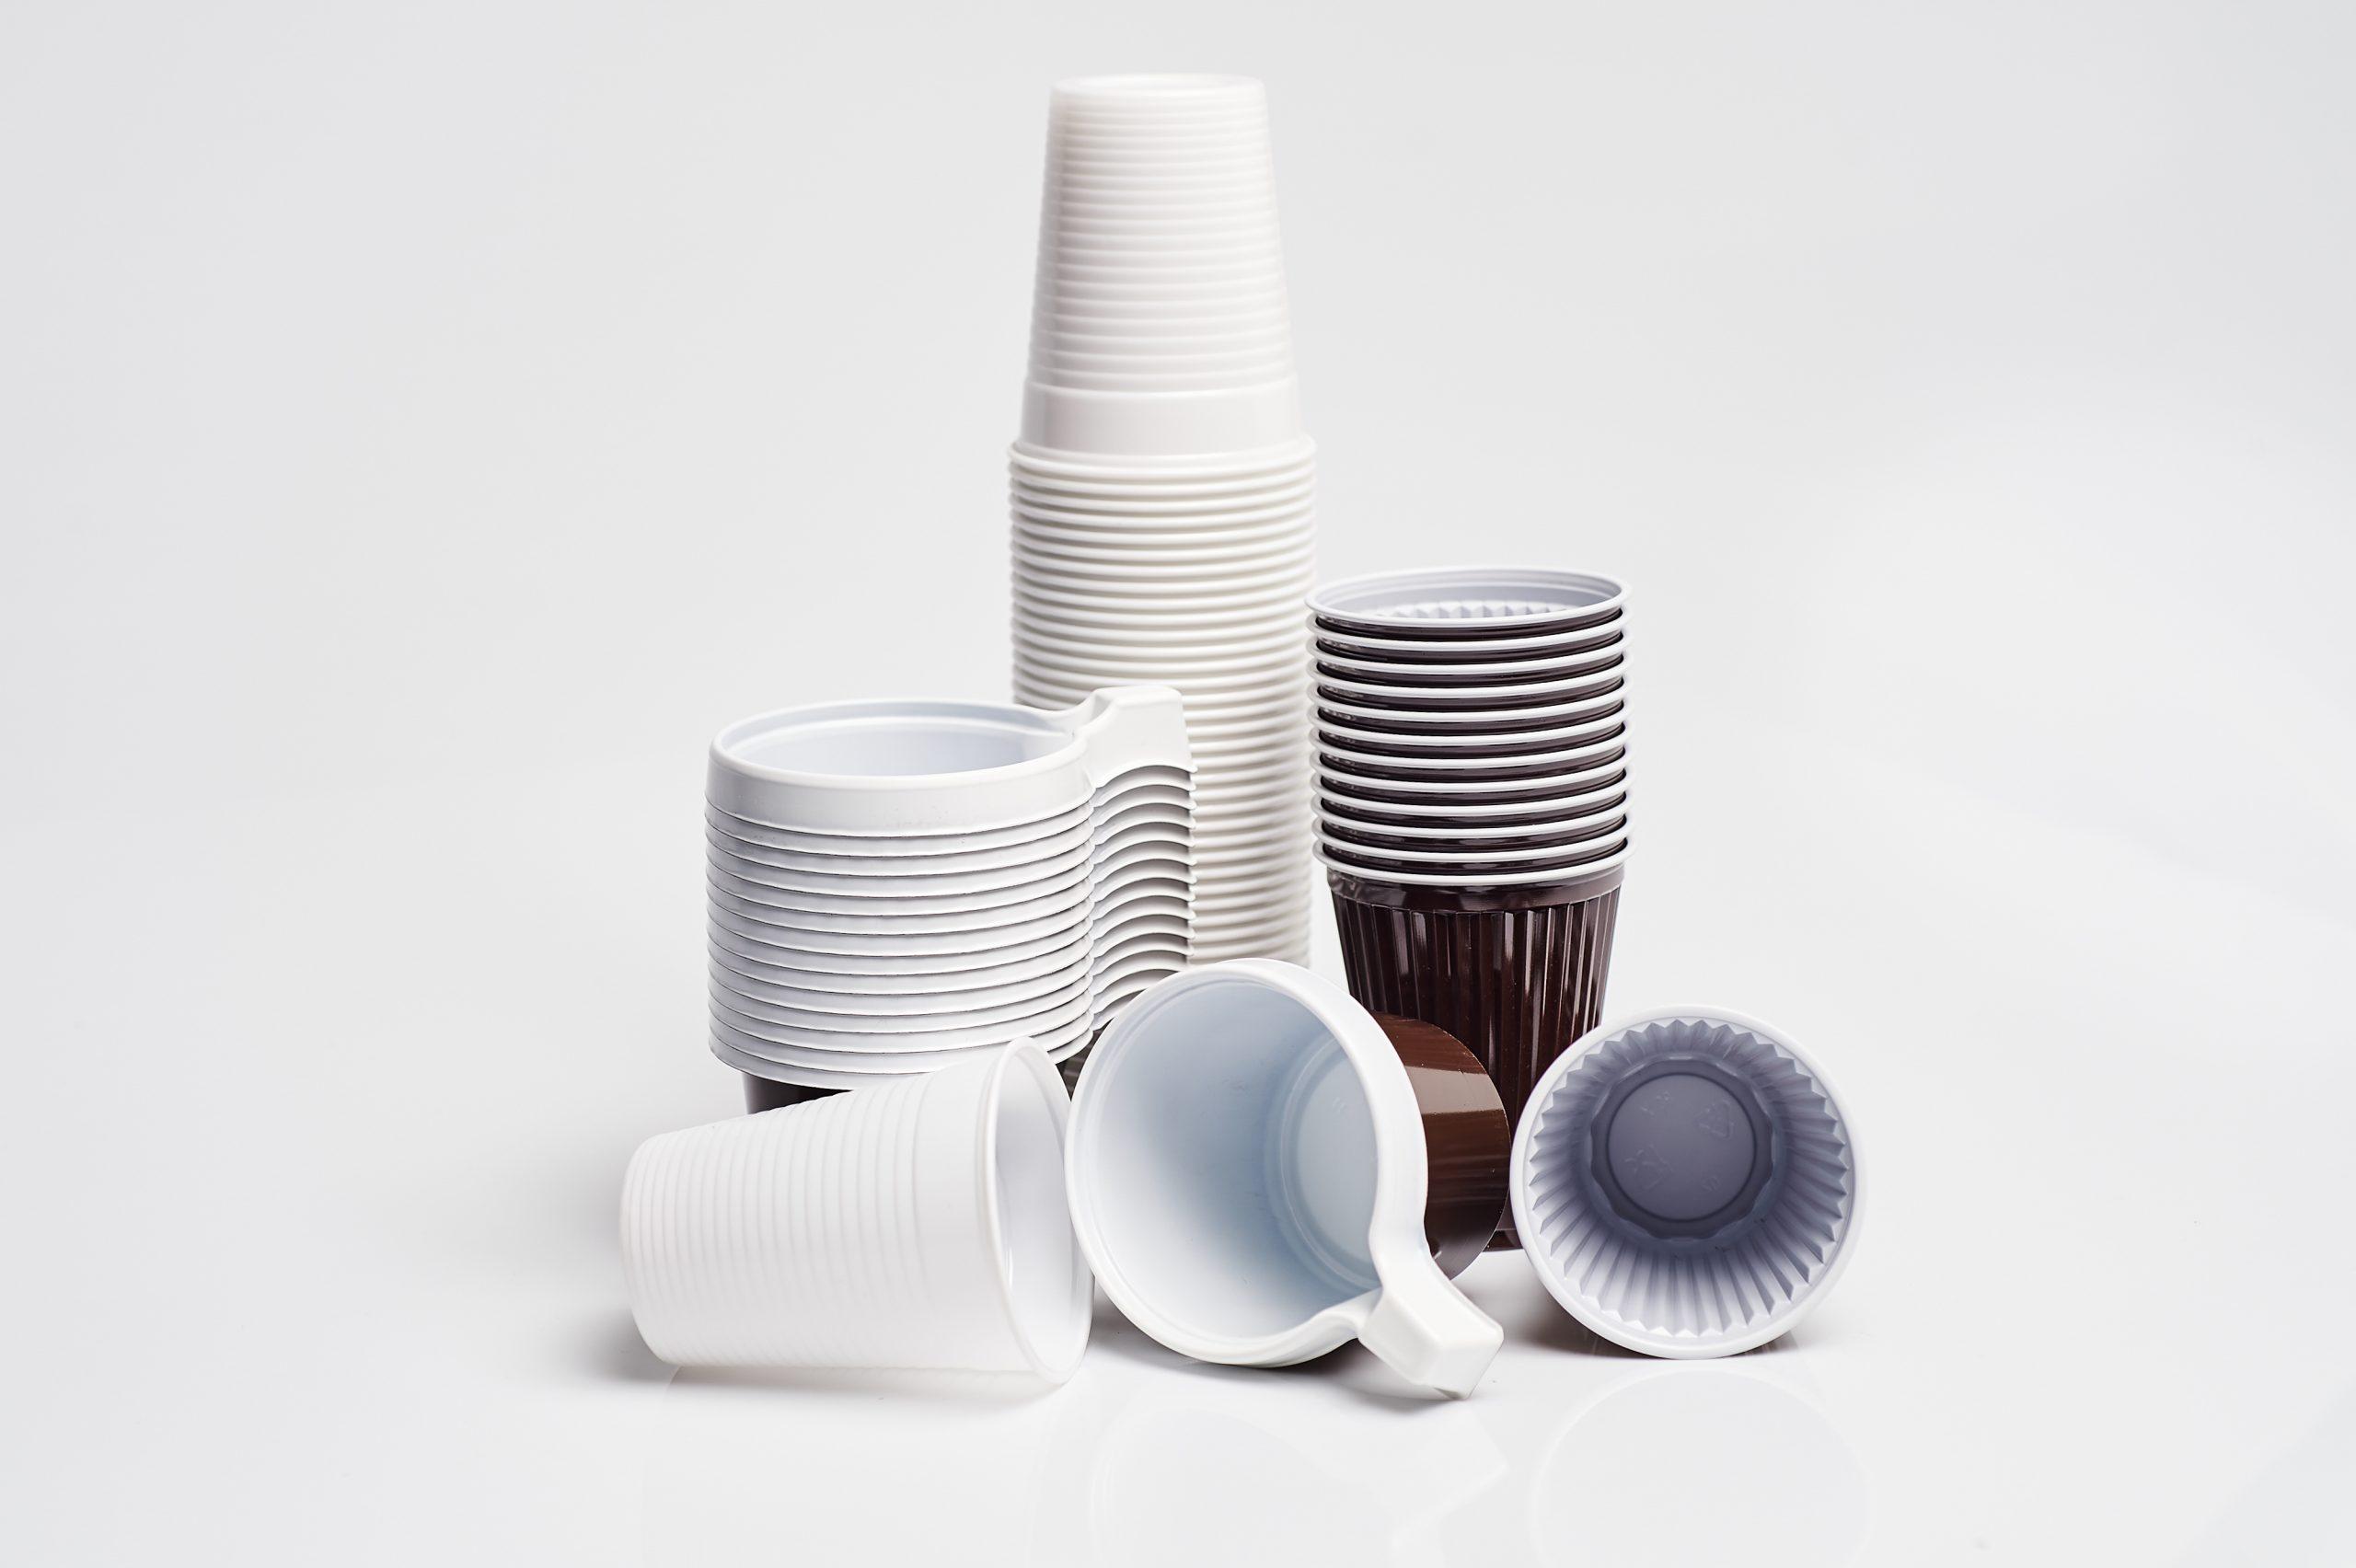 Imatge de productes d'un sol ús fets amb plàstic/ACN